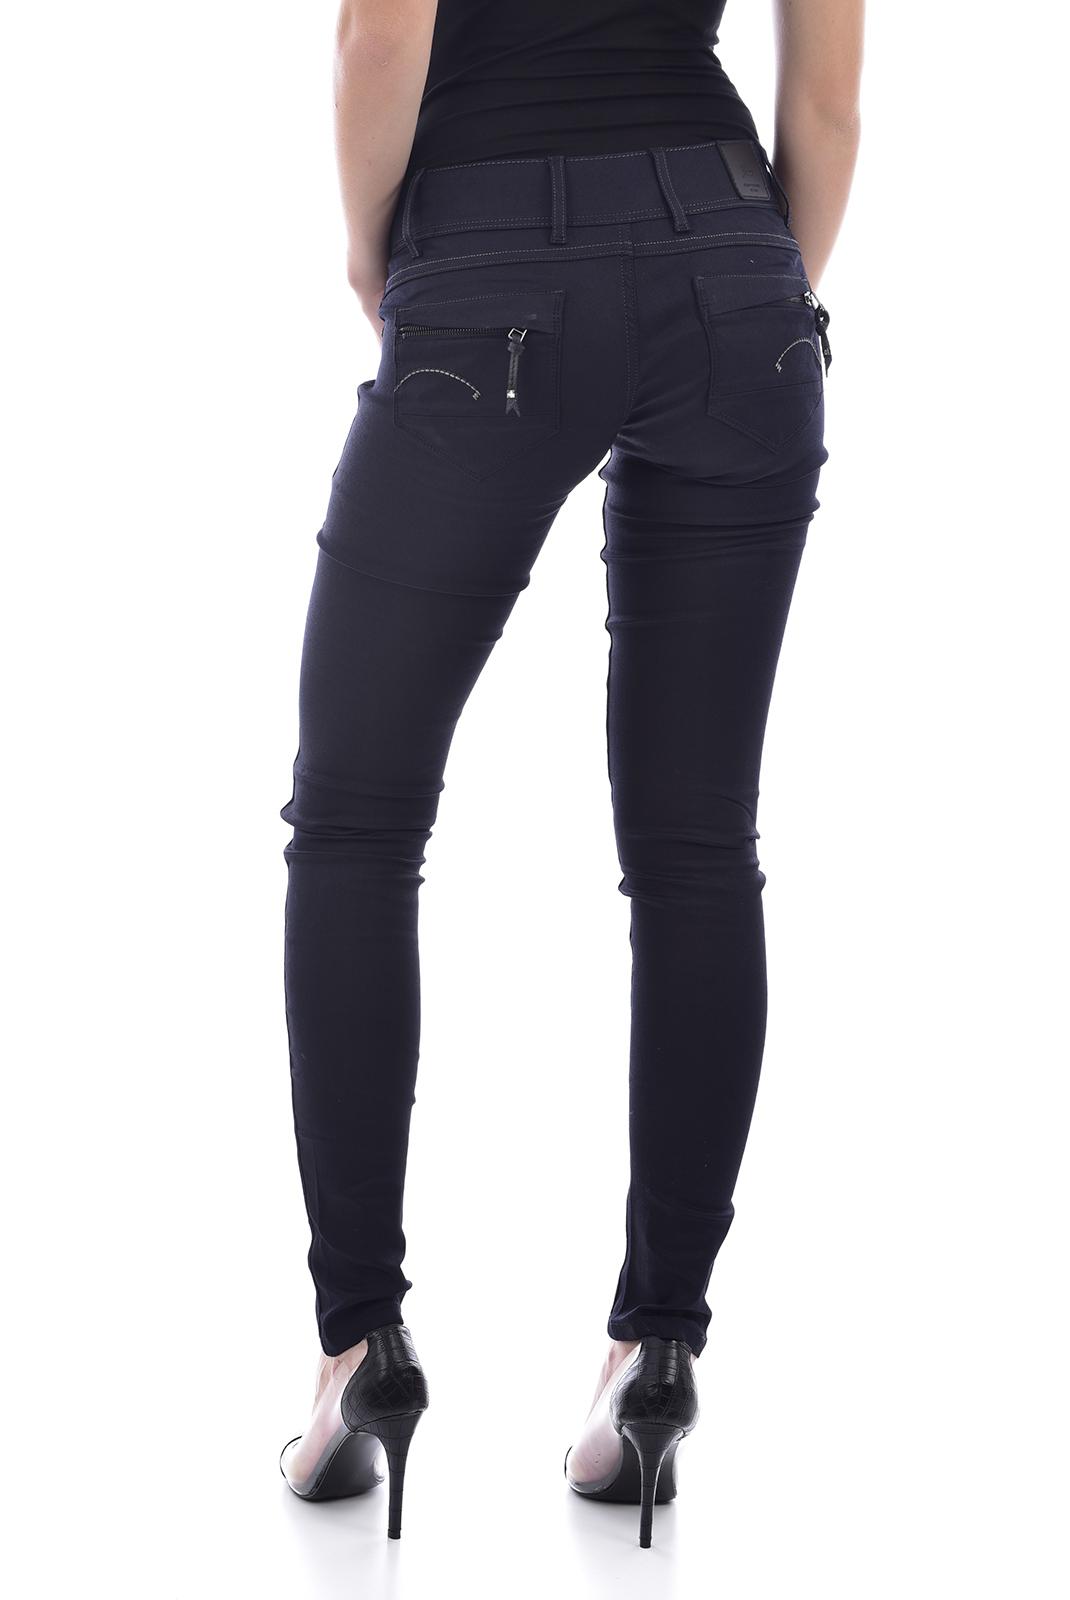 Jeans   G-star 60537.3951.001 BLEU